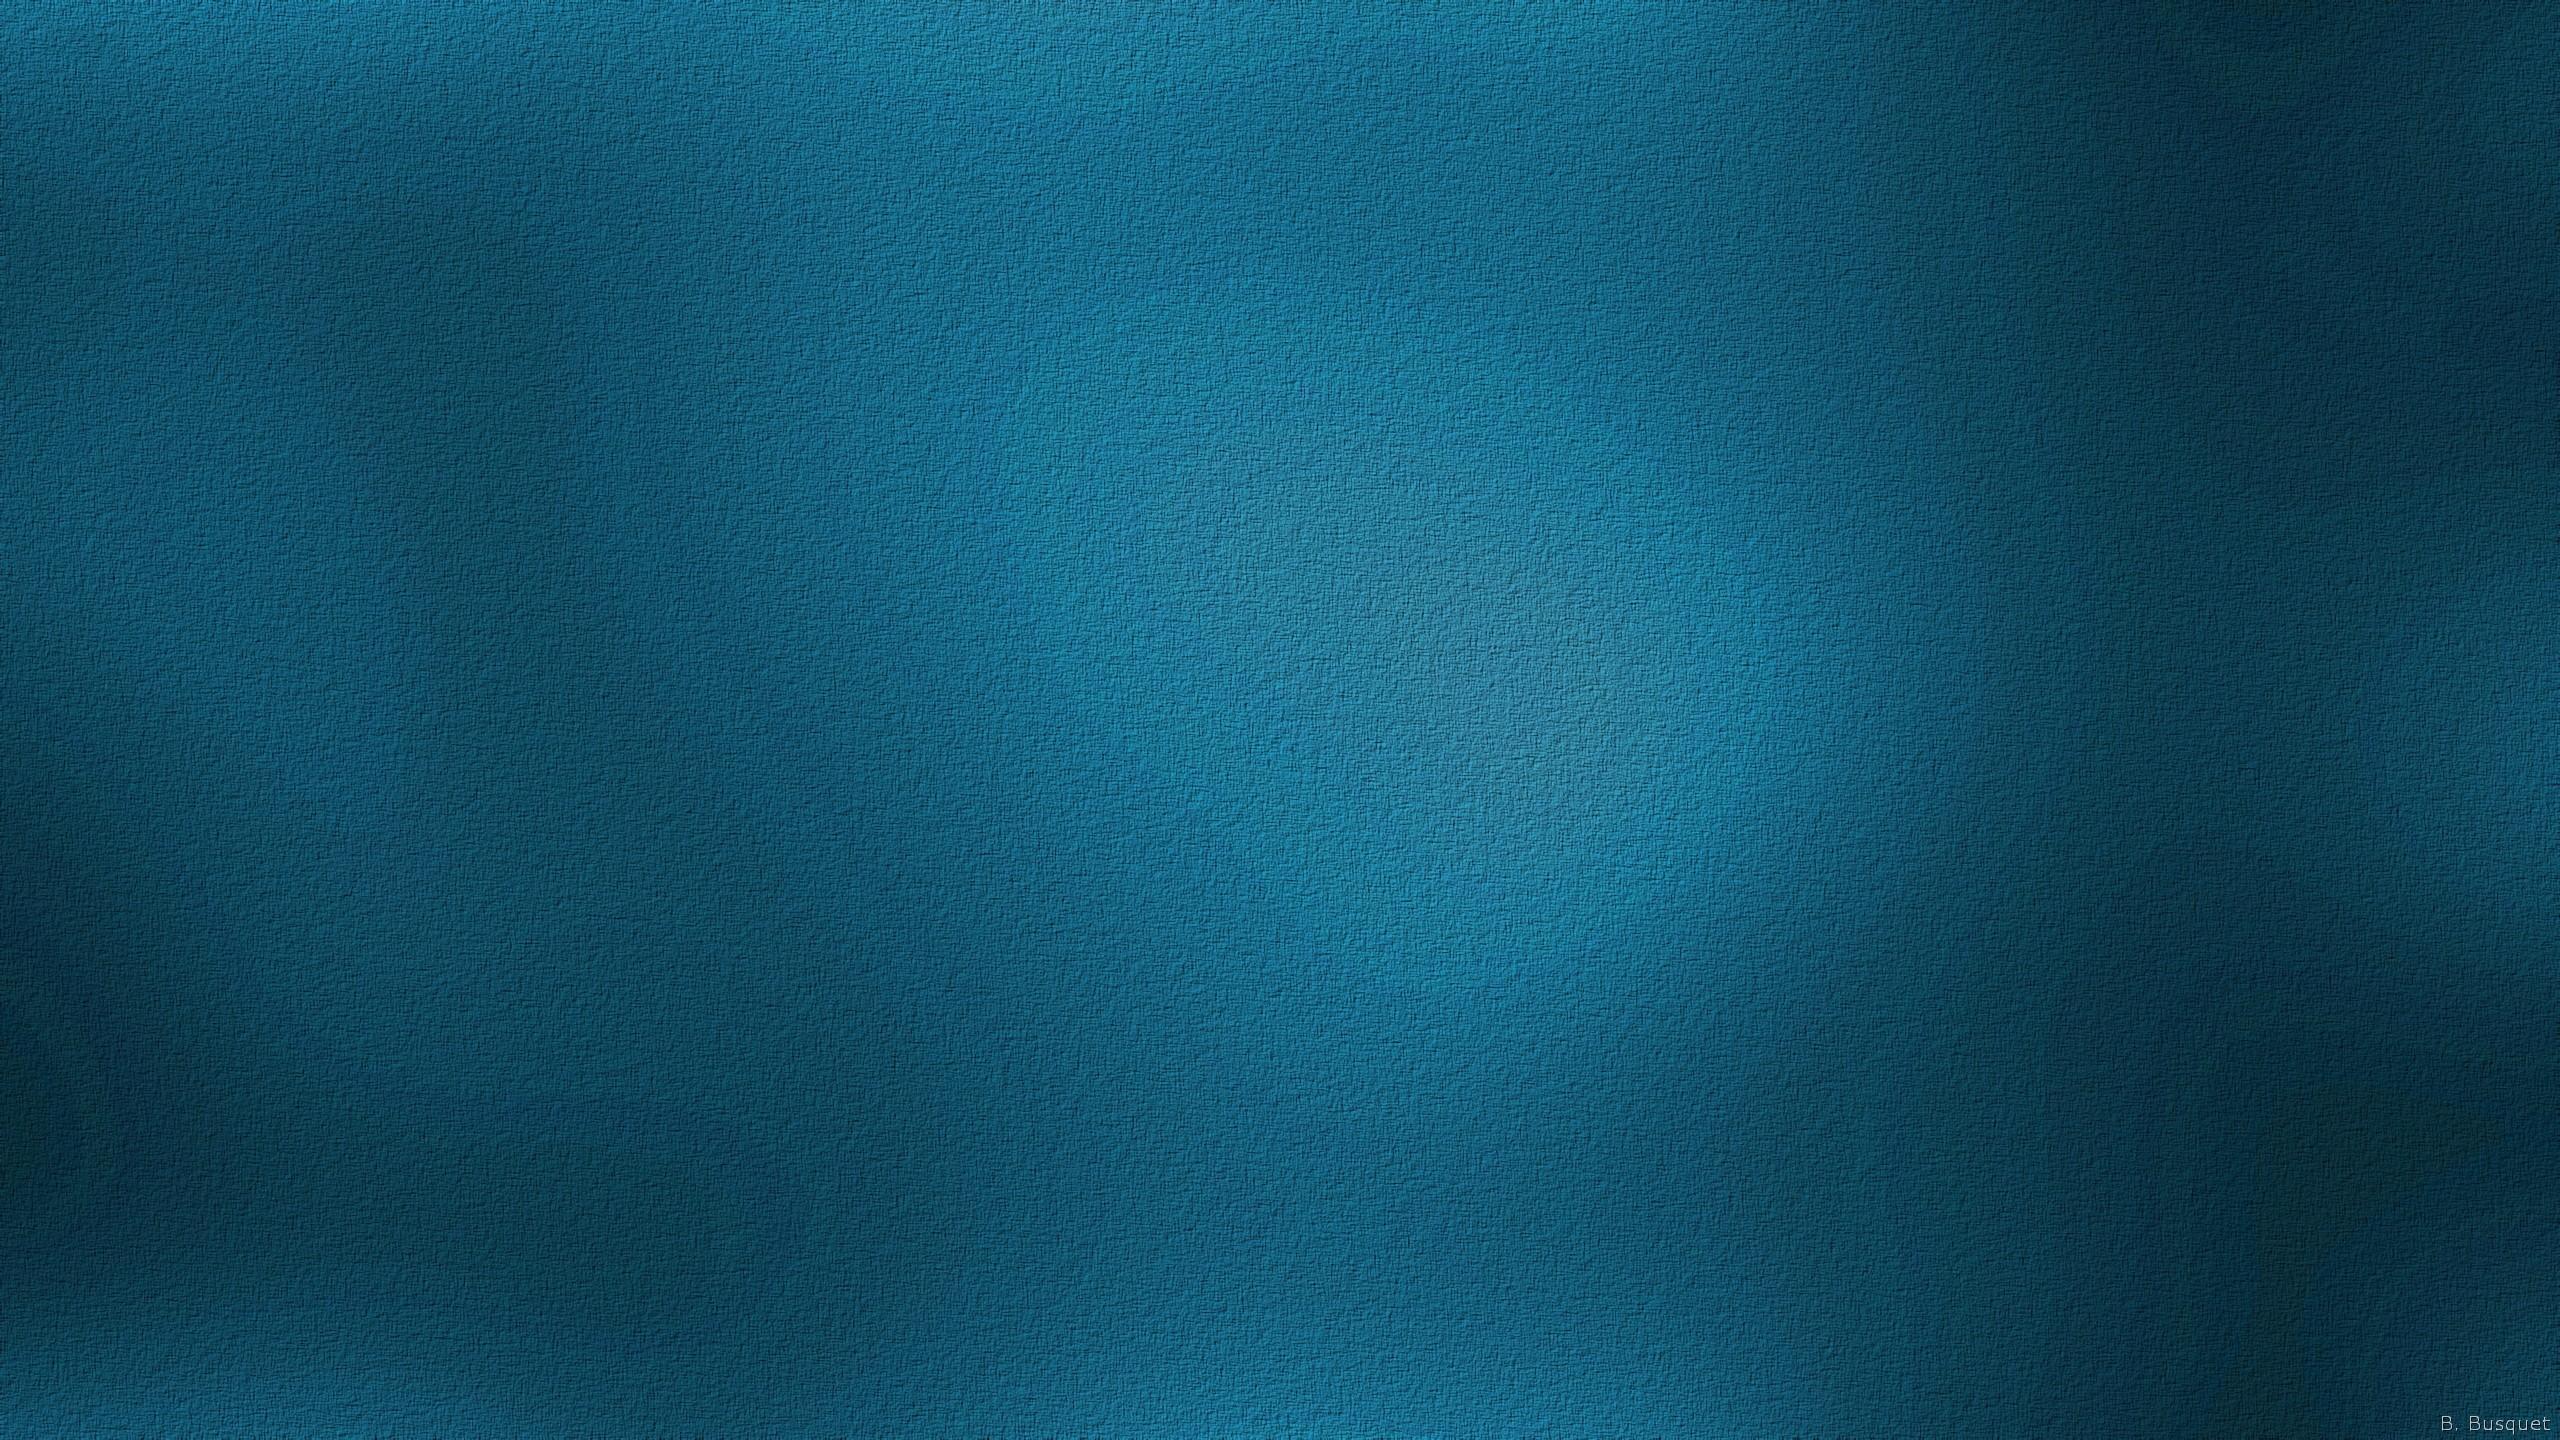 Background images plain colours